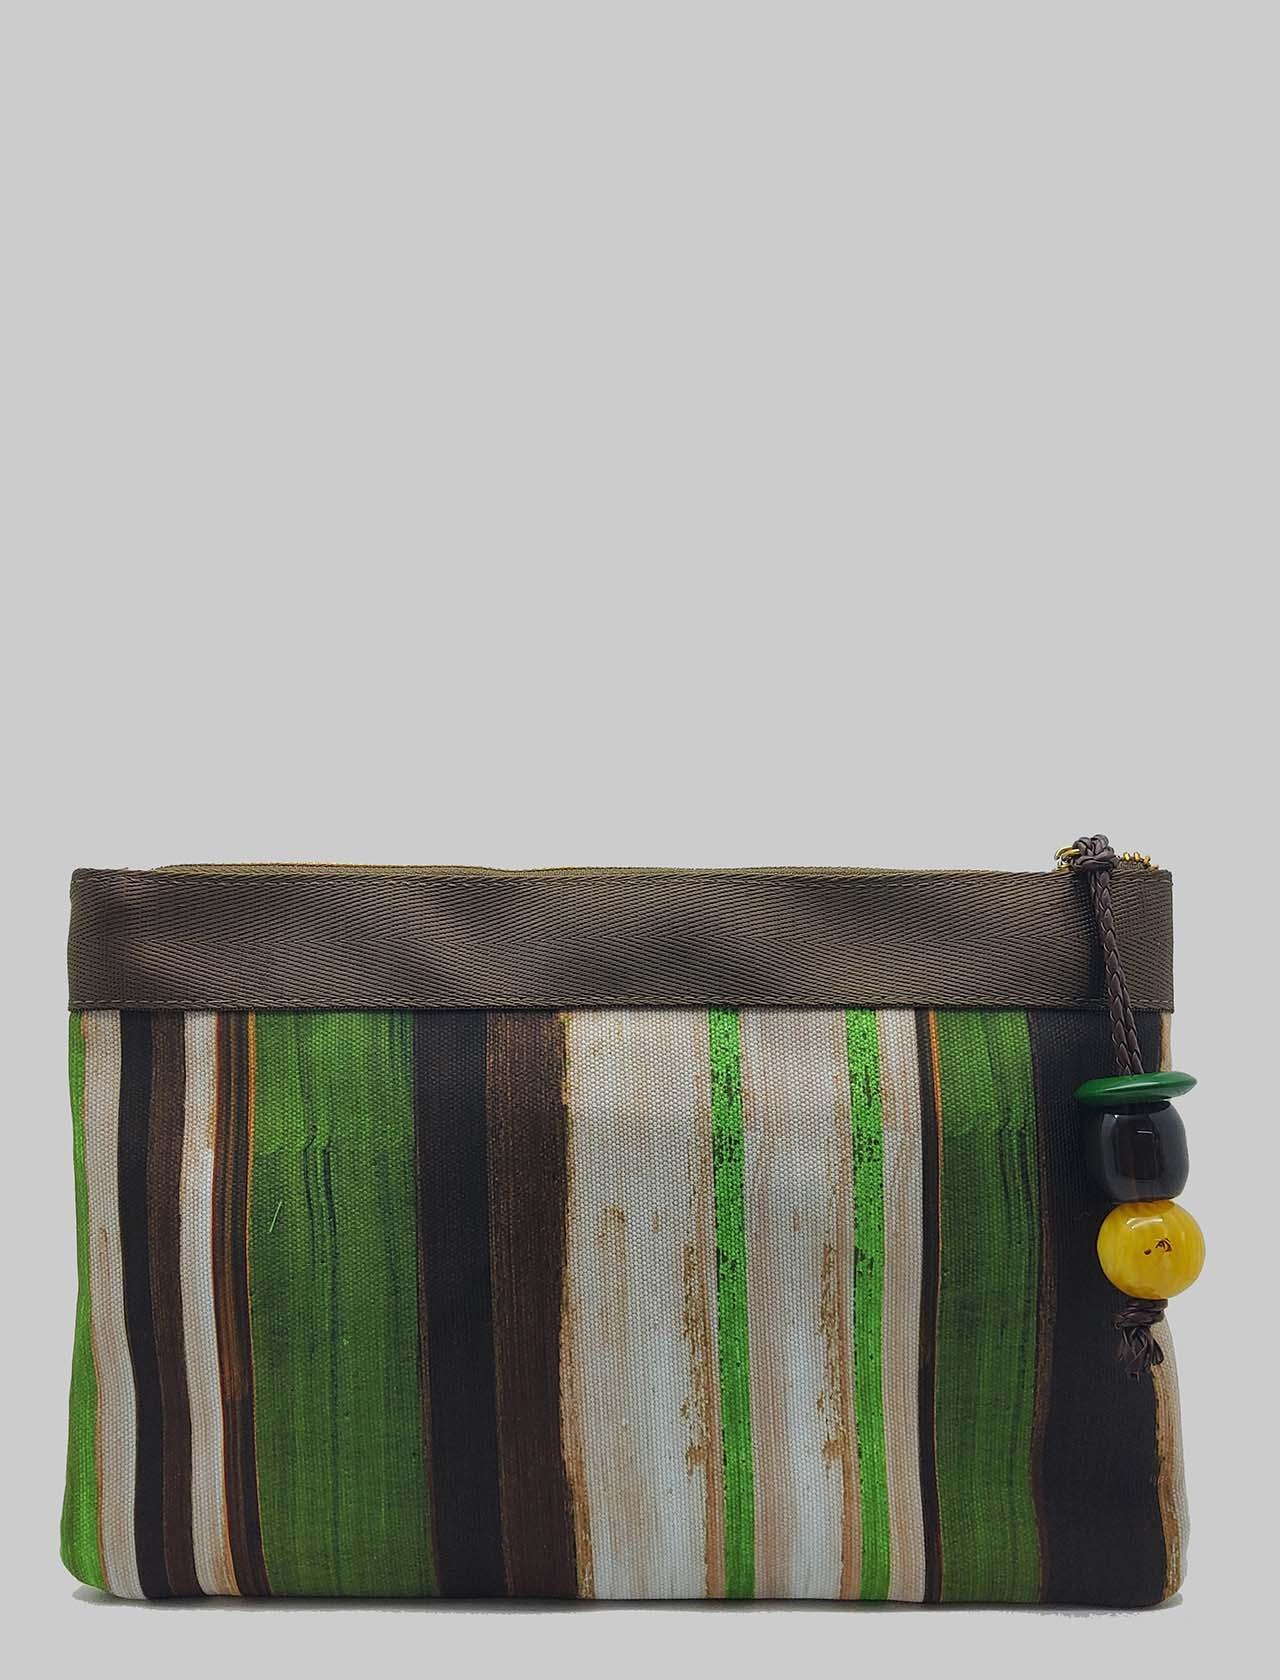 Accessori Donna Borsa Pouch Painted Stripes in Cotone Verde e Naturale Maliparmi | Borse e zaini | OP008610135C6022